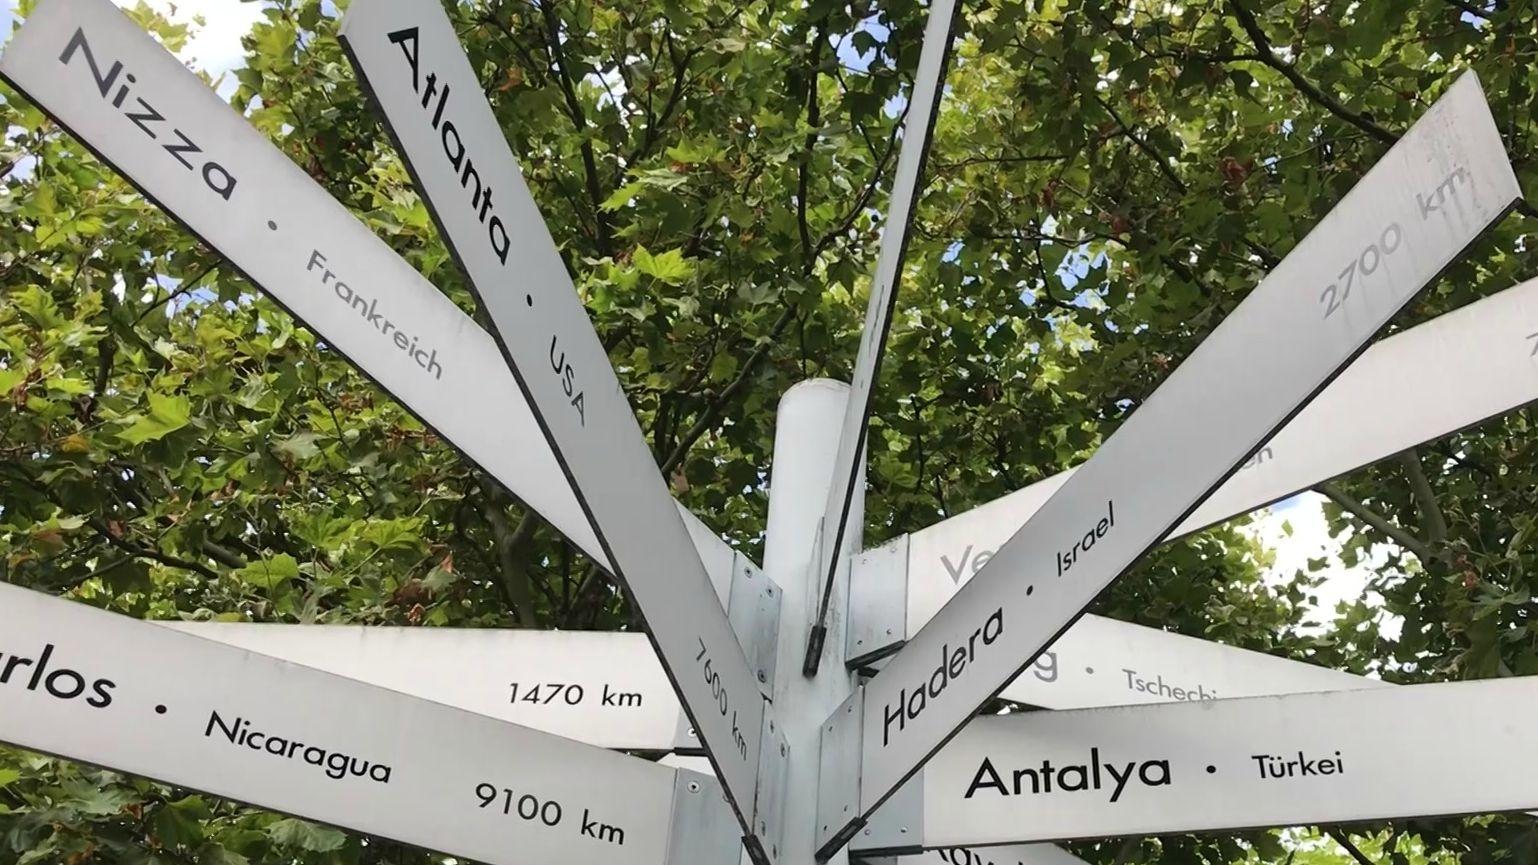 14 Partnerstädte hat die Stadt Nürnberg - so viele wie kaum eine andere deutsche Stadt